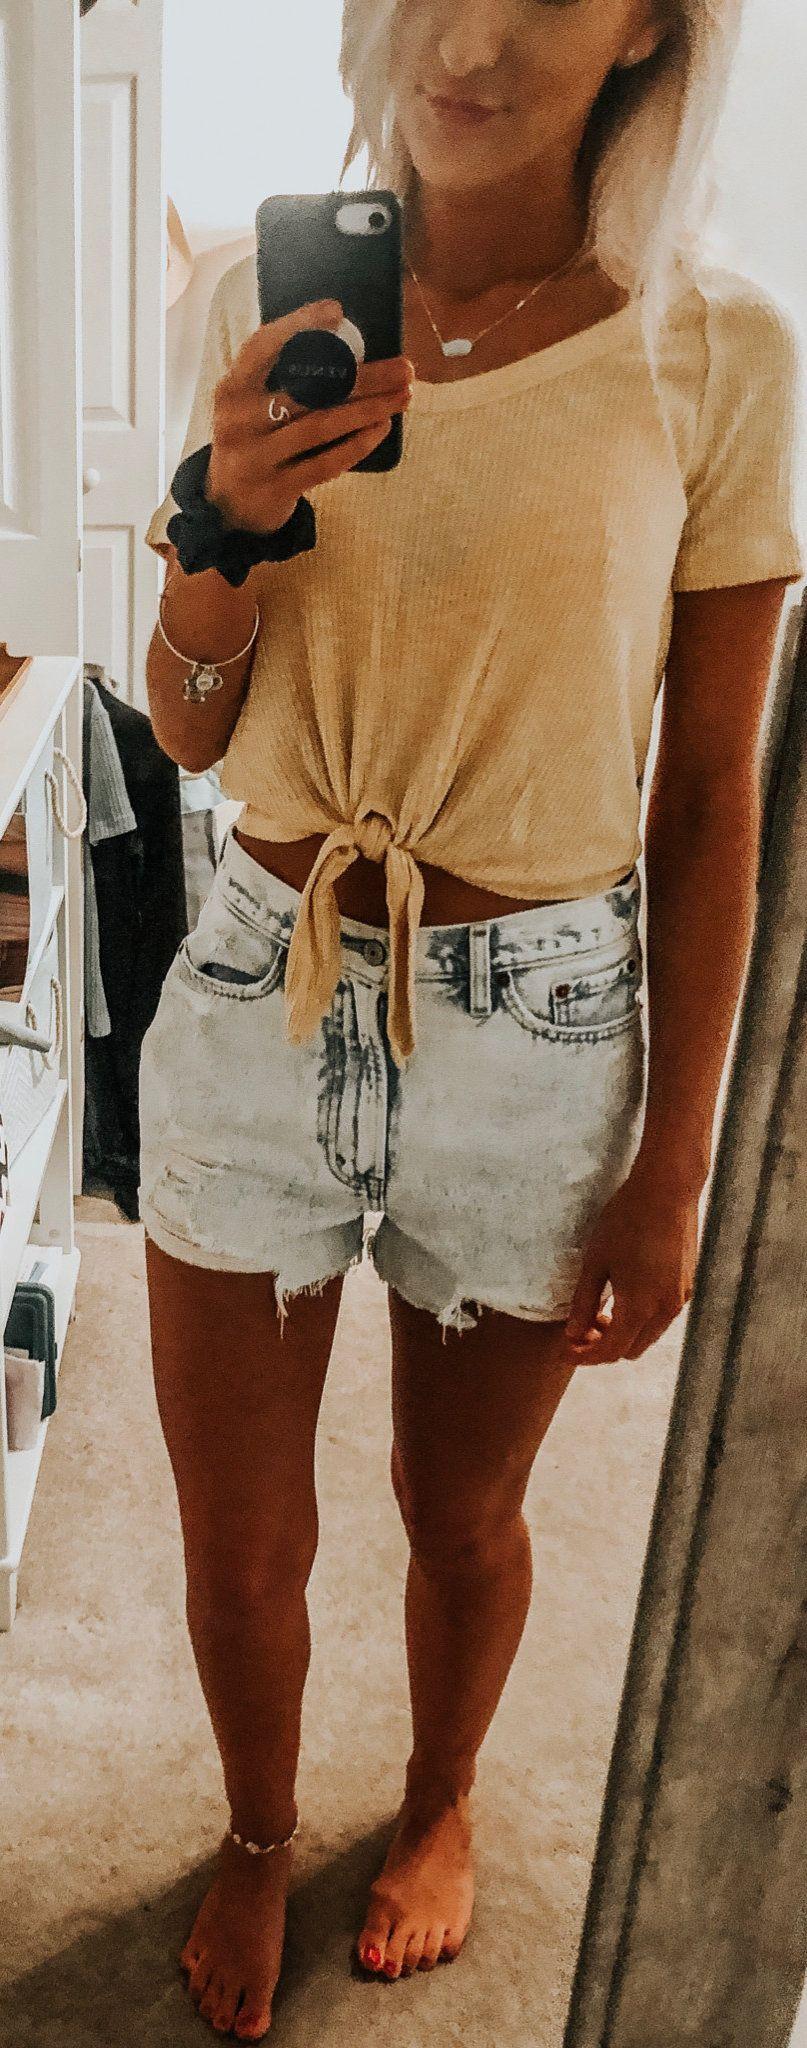 grey short shorts #summer #outfits